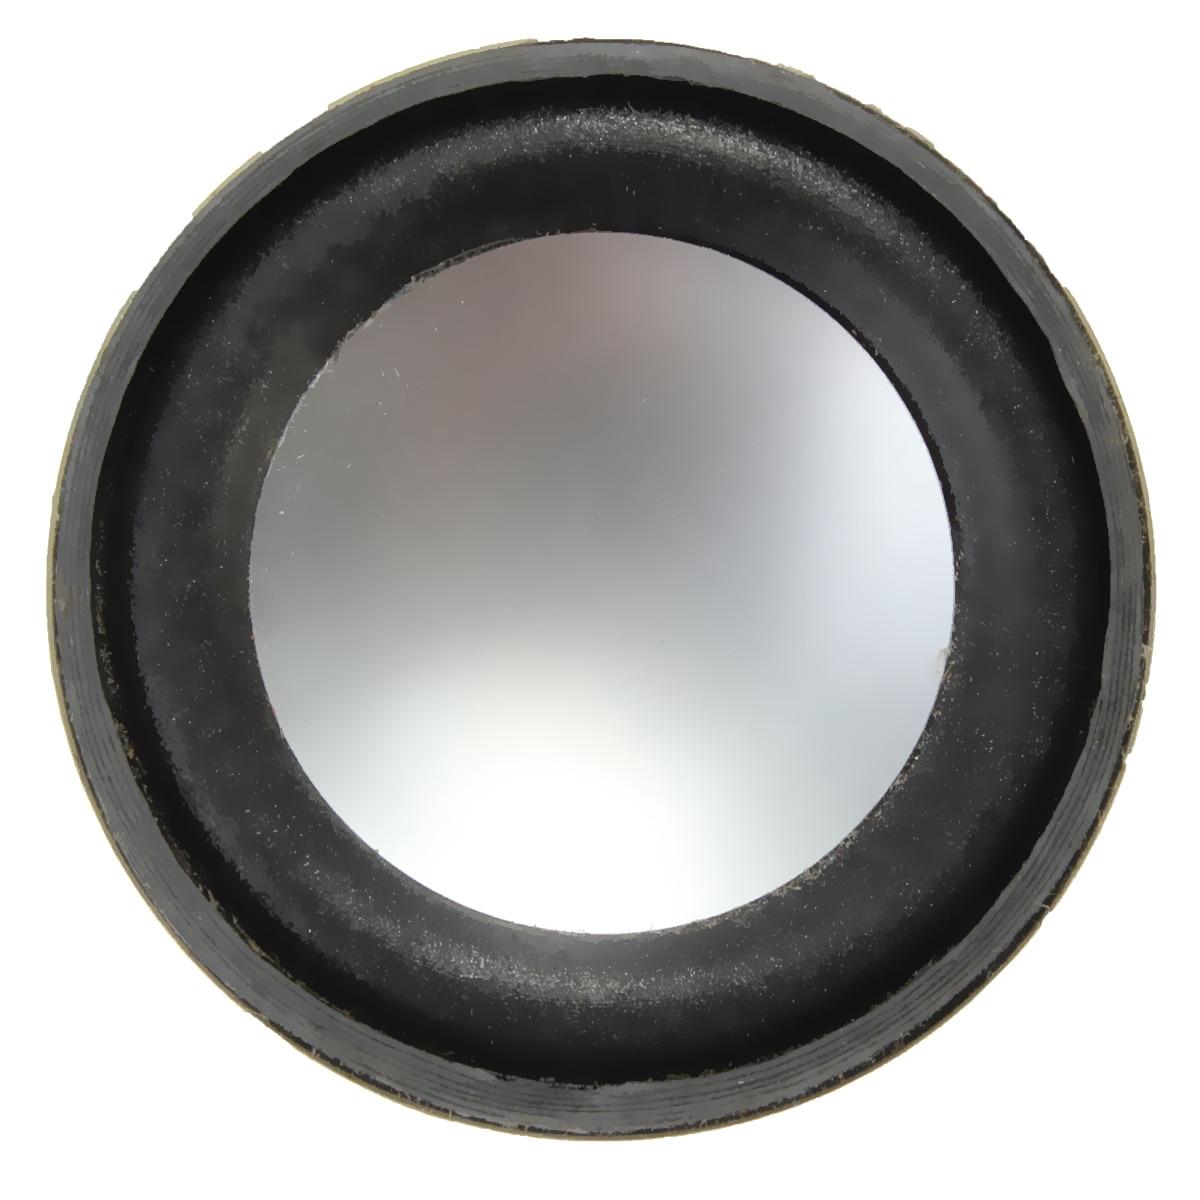 LEORY 1pc 1.5 Inch 40mm 4 3W Full-range Audio Speaker Stereo Woofer Loudspeaker